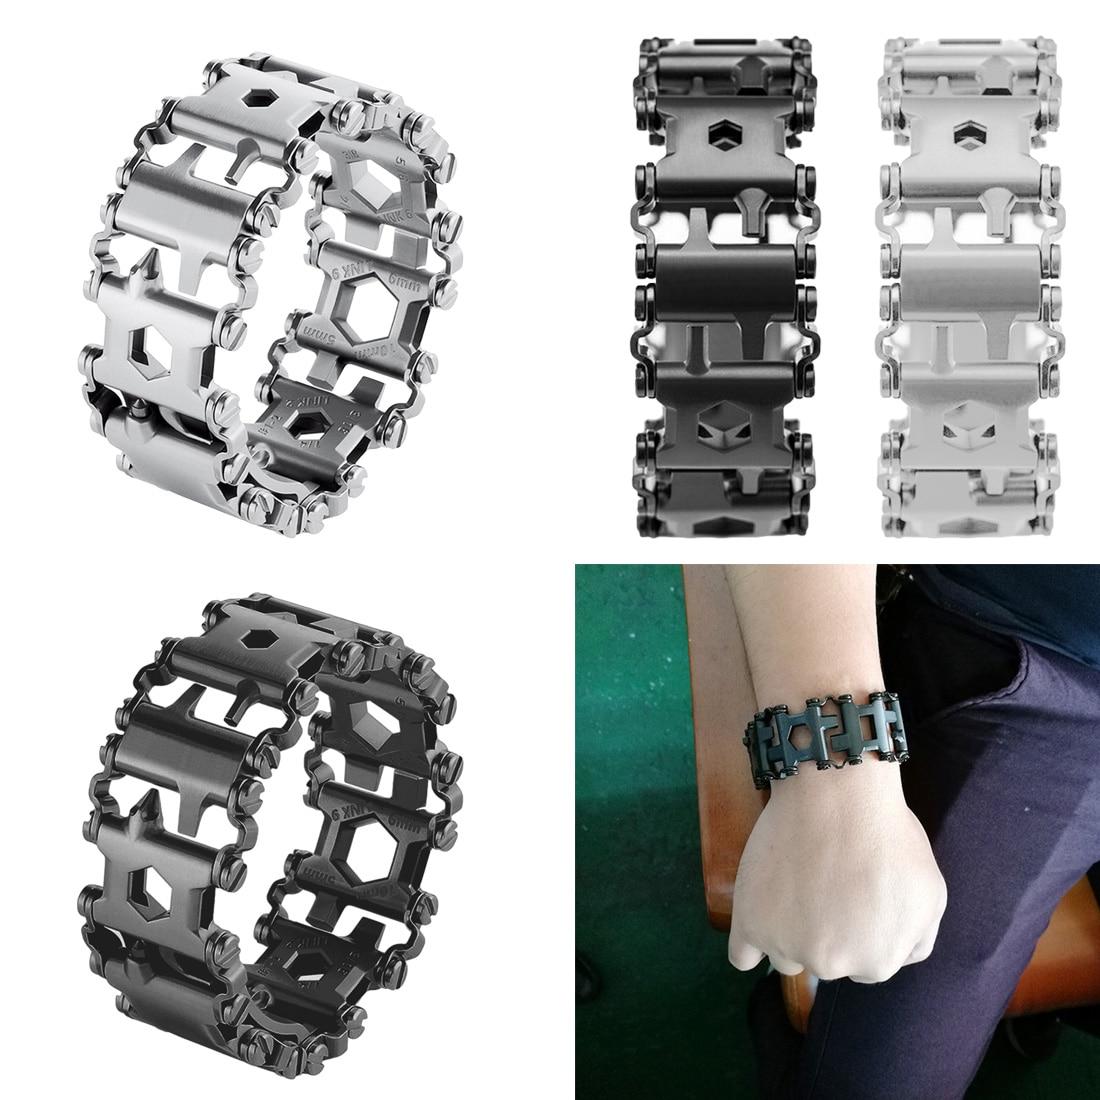 Hot Sale 29 In 1 Multi-function Wearable Tread Bracelet Strap Multi-function Screwdriver Outdoor Emergency Kit Multi Tool